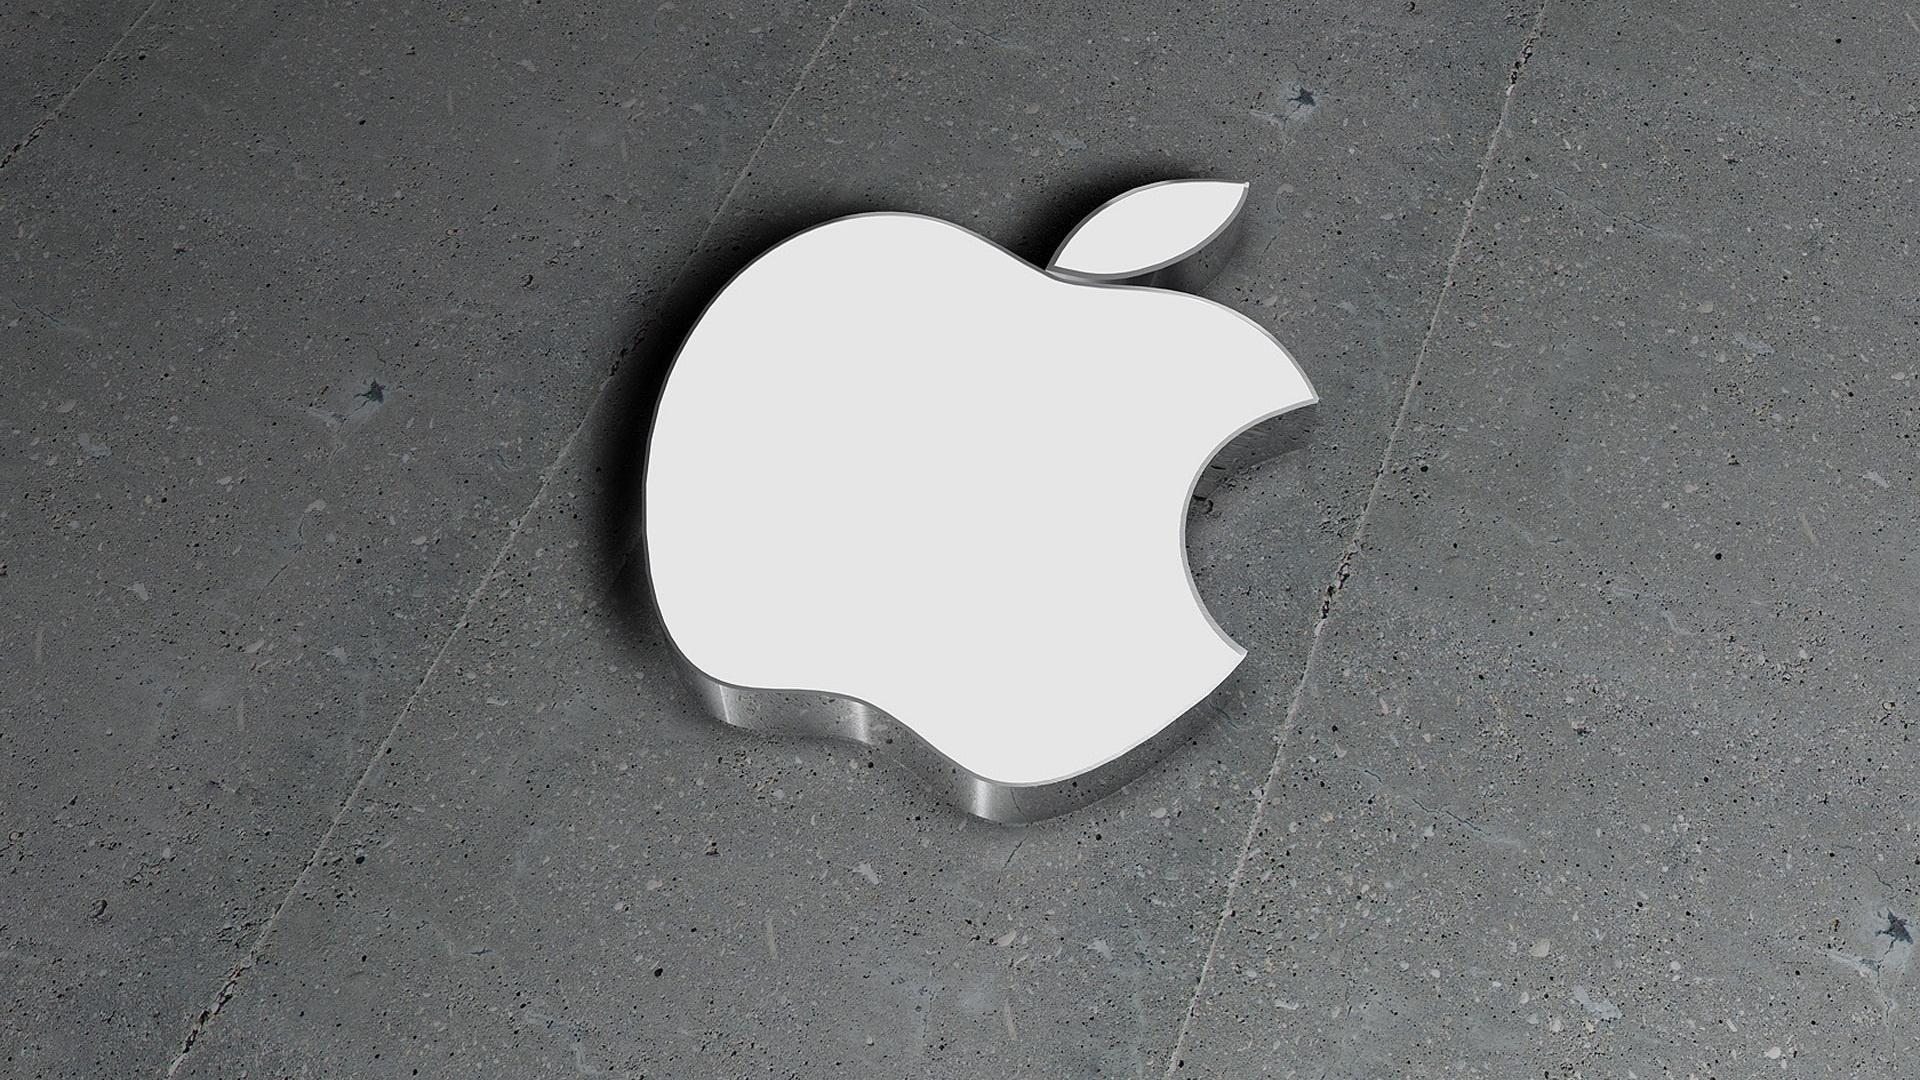 Apple continúa entre las empresas más valiosas del mundo 5